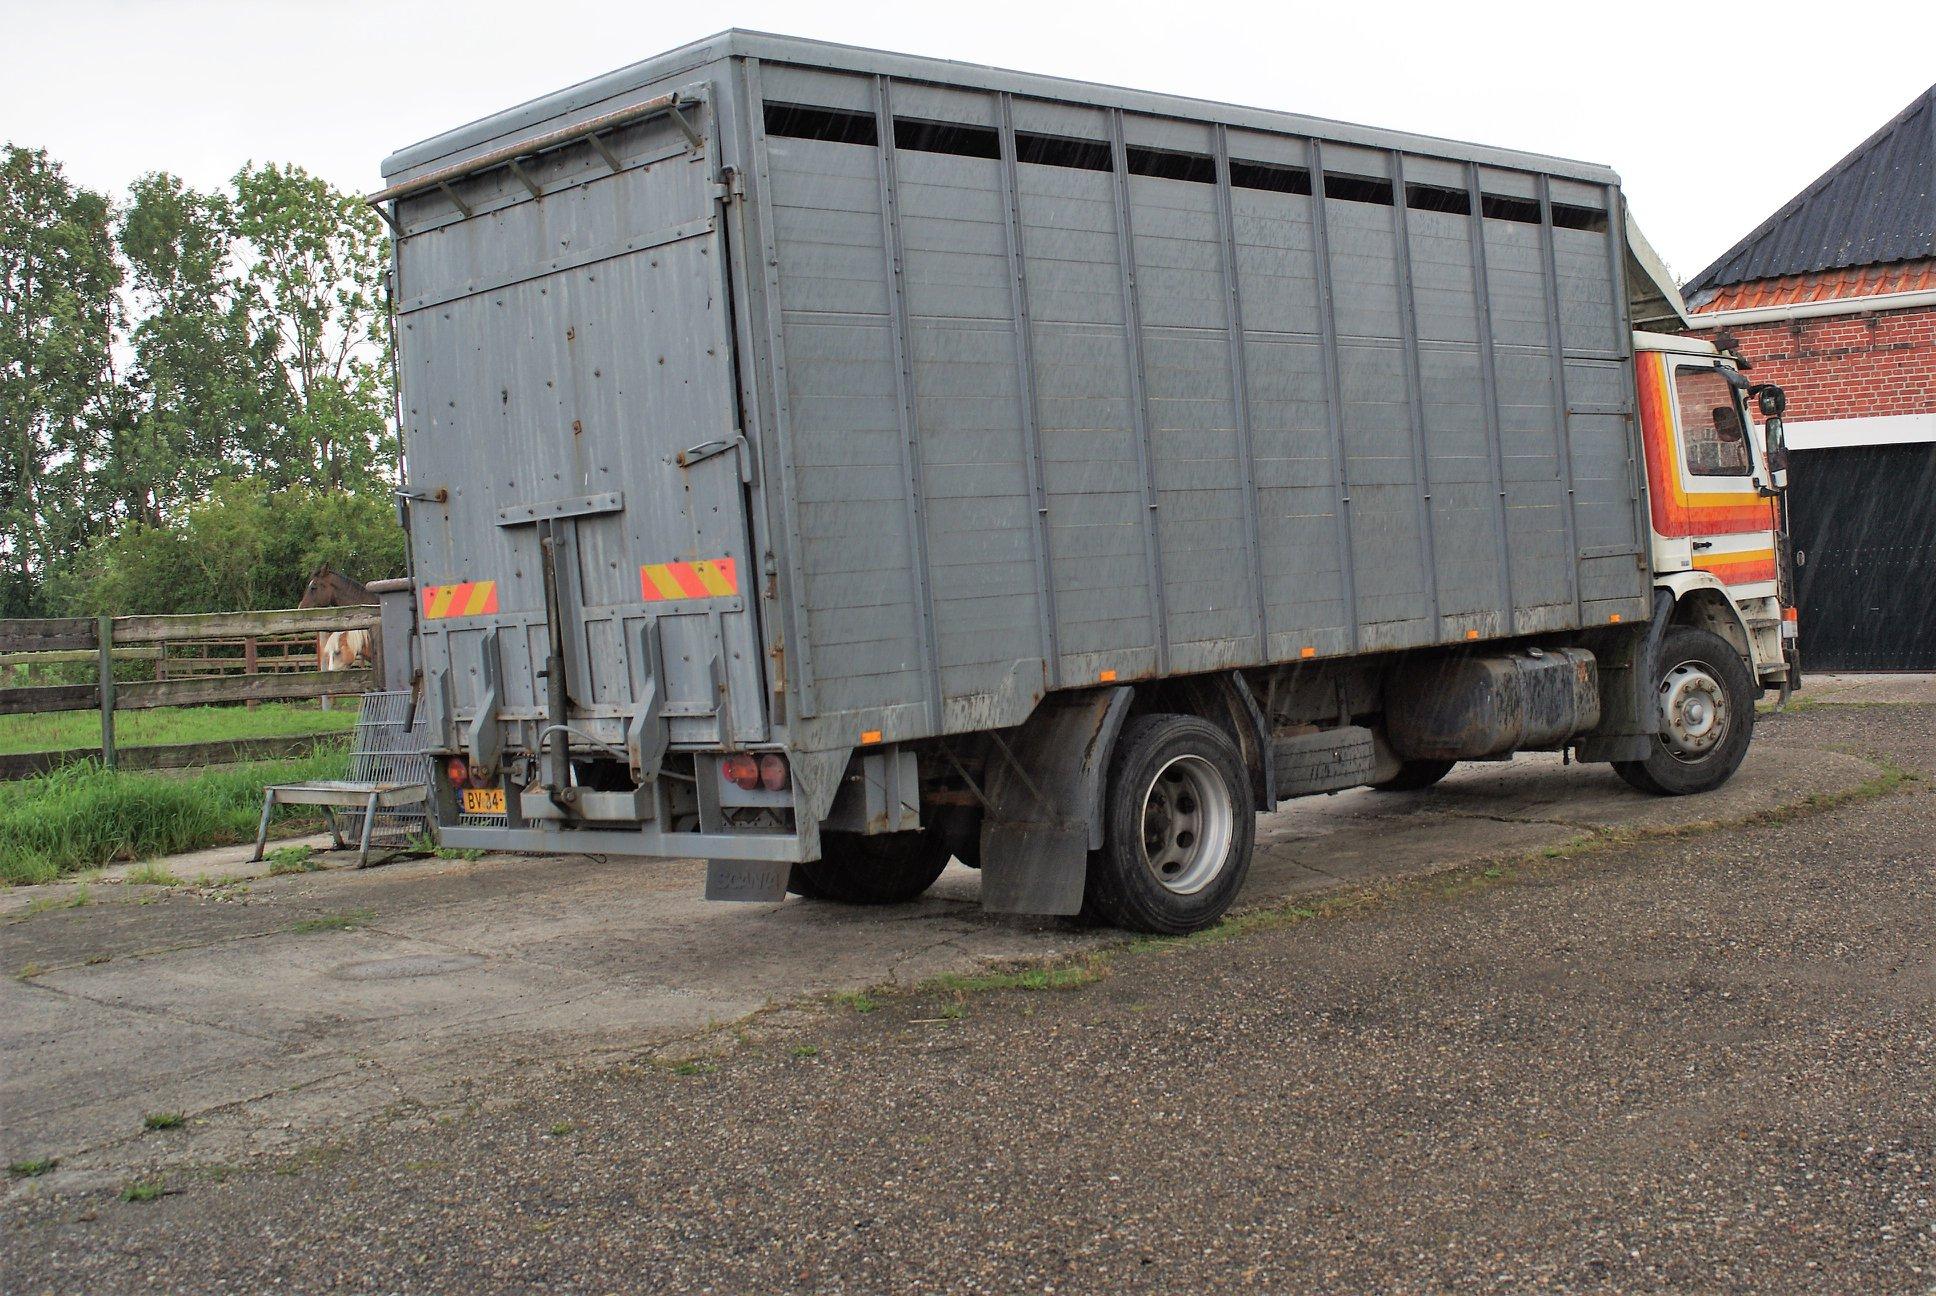 Scania-82V-J-R-paardenhandelaar-uit-Bedum-met-een-opbouw-van-ons-2